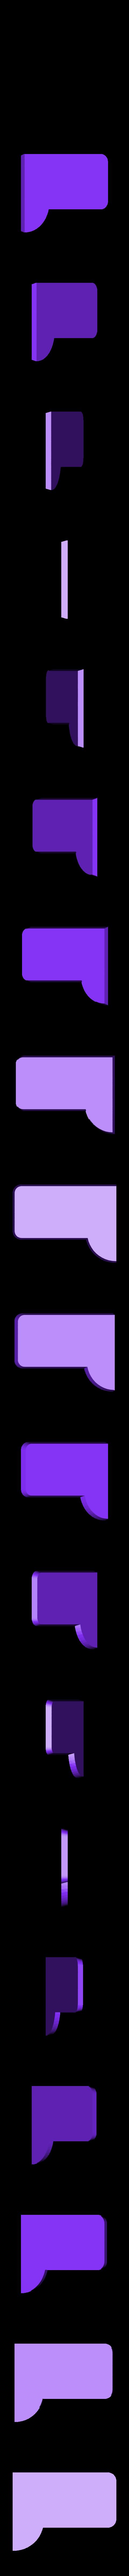 Street_Sign_Back_Plate_Right.STL Download free STL file Sesame Street Sign • 3D printing model, enzordplst